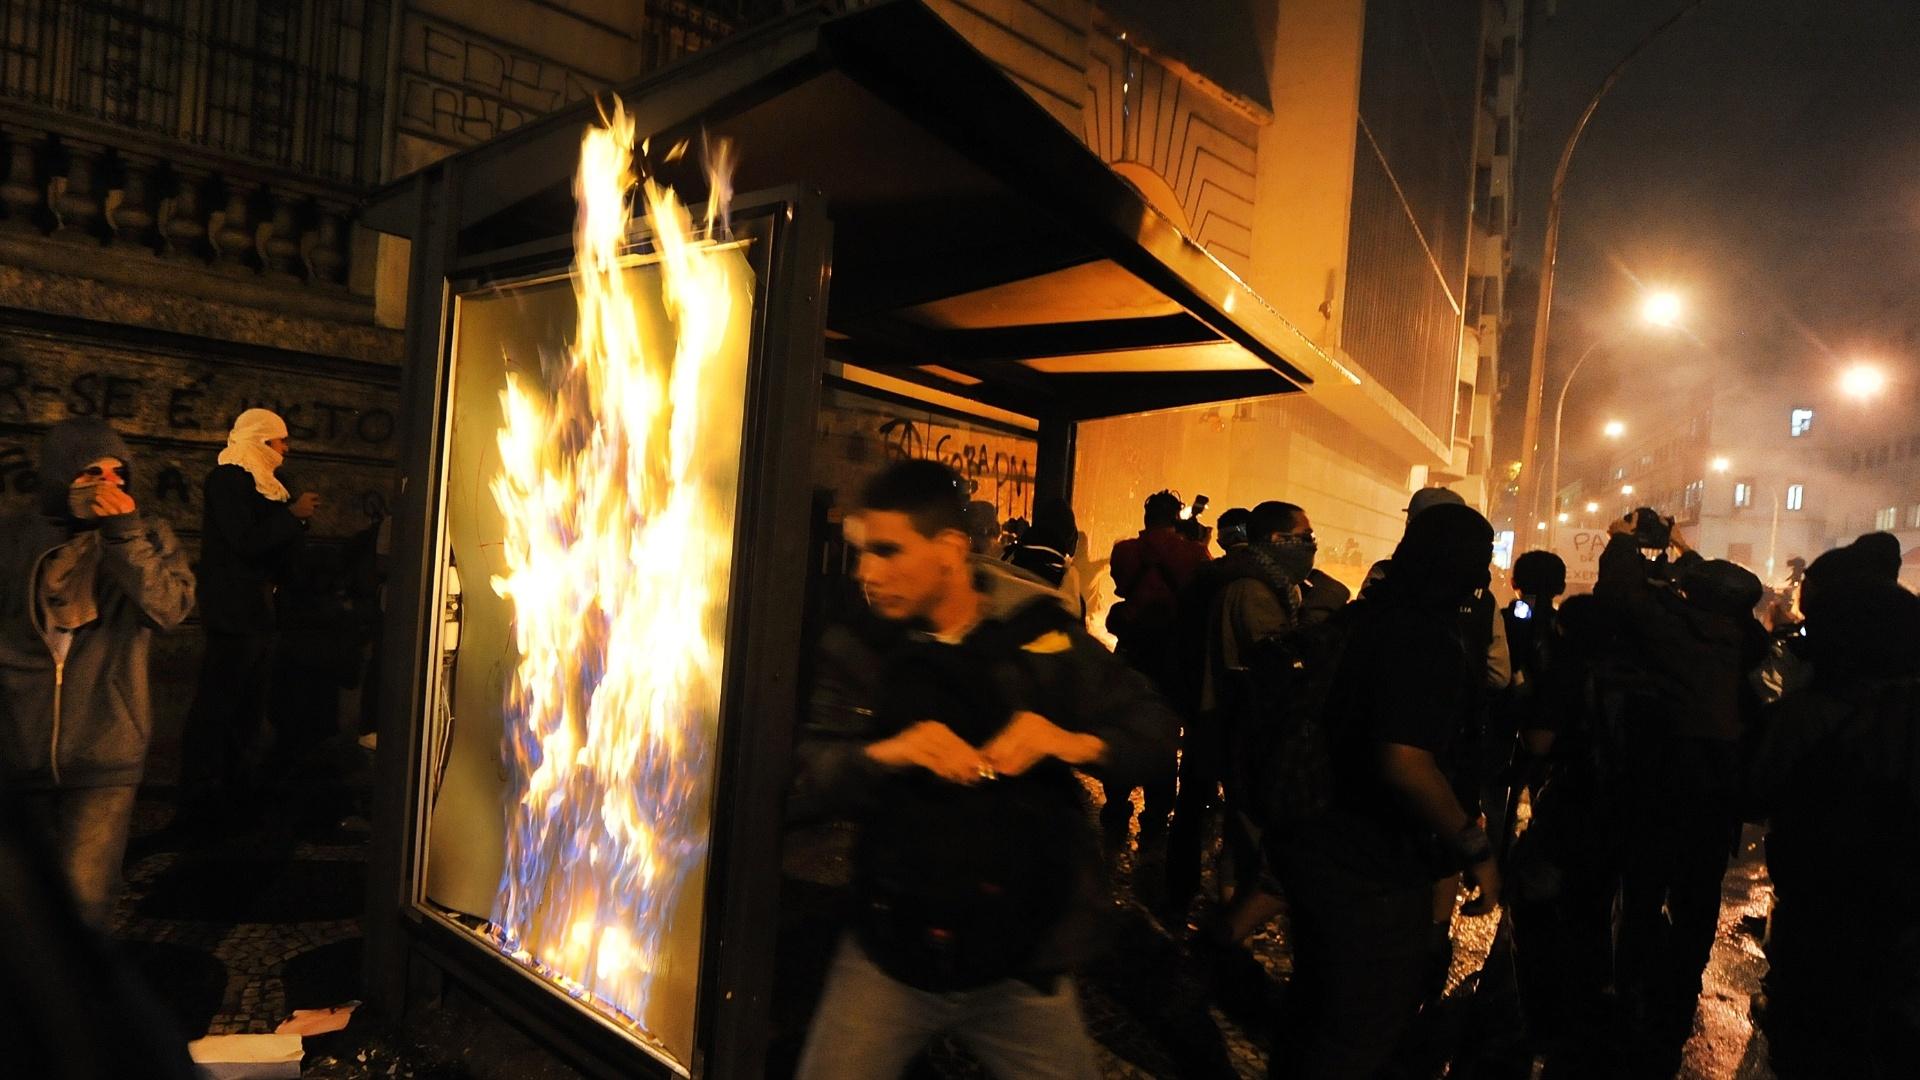 7.out.2013 - Manifestantes incendeiam ponto de ônibus nos arredores da Câmara de Vereadores do Rio de Janeiro, durante protesto de professores na Cinelândia, região central da cidade